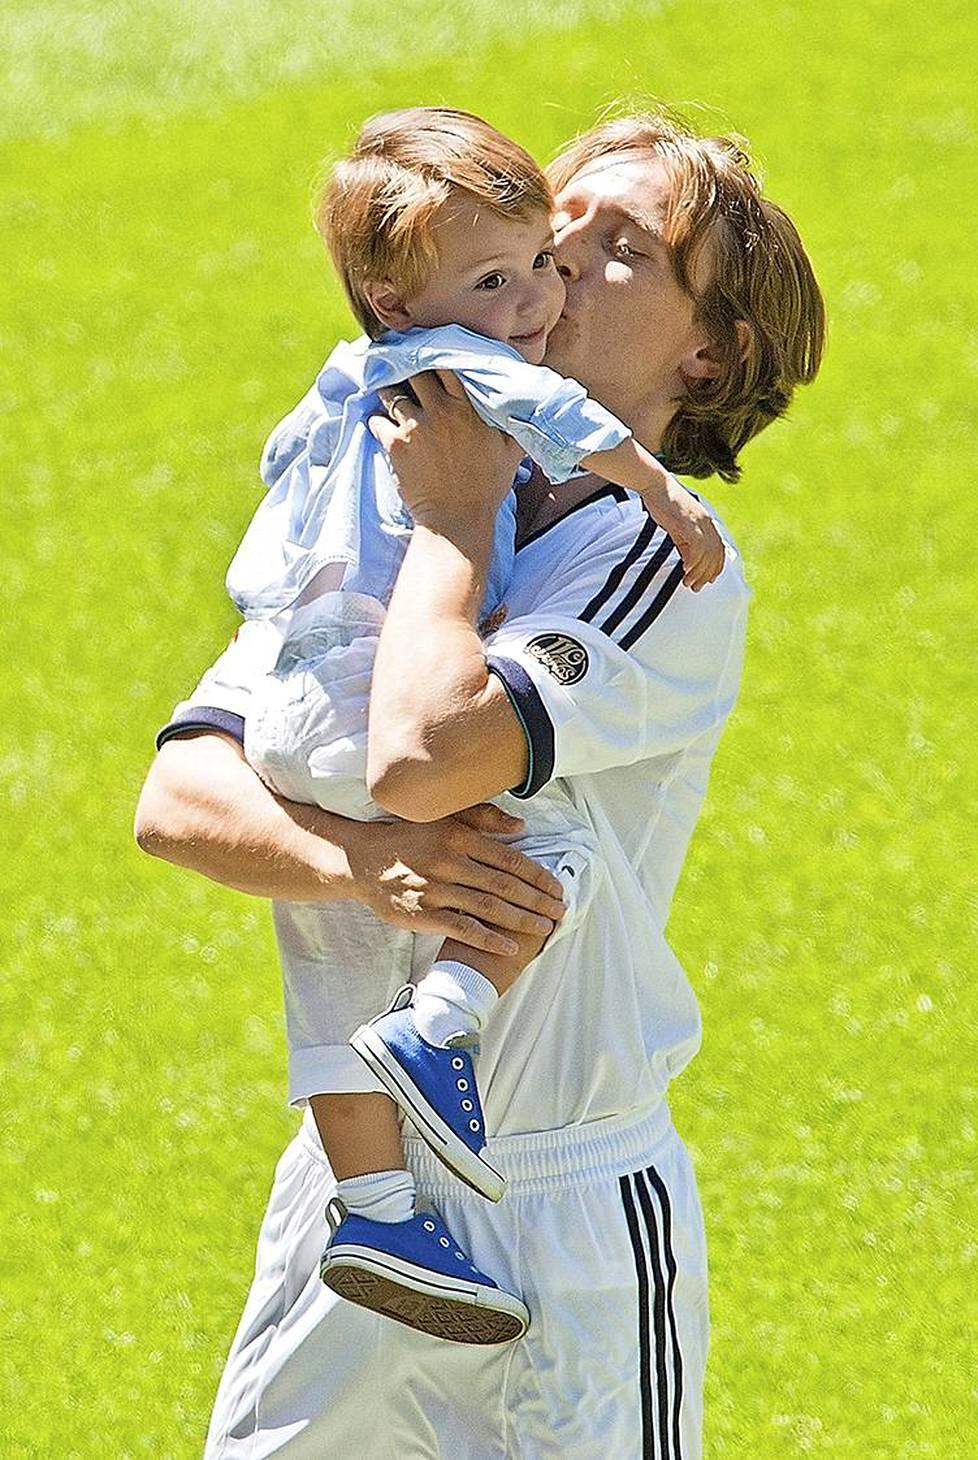 Kun Luka Modric esiteltiin Reald Madridin uutena pelaajana 2012, hänellä oli mukanaan Ivano-poika, joka on nimetty sodassa teloitetun isoisänsä mukaan.